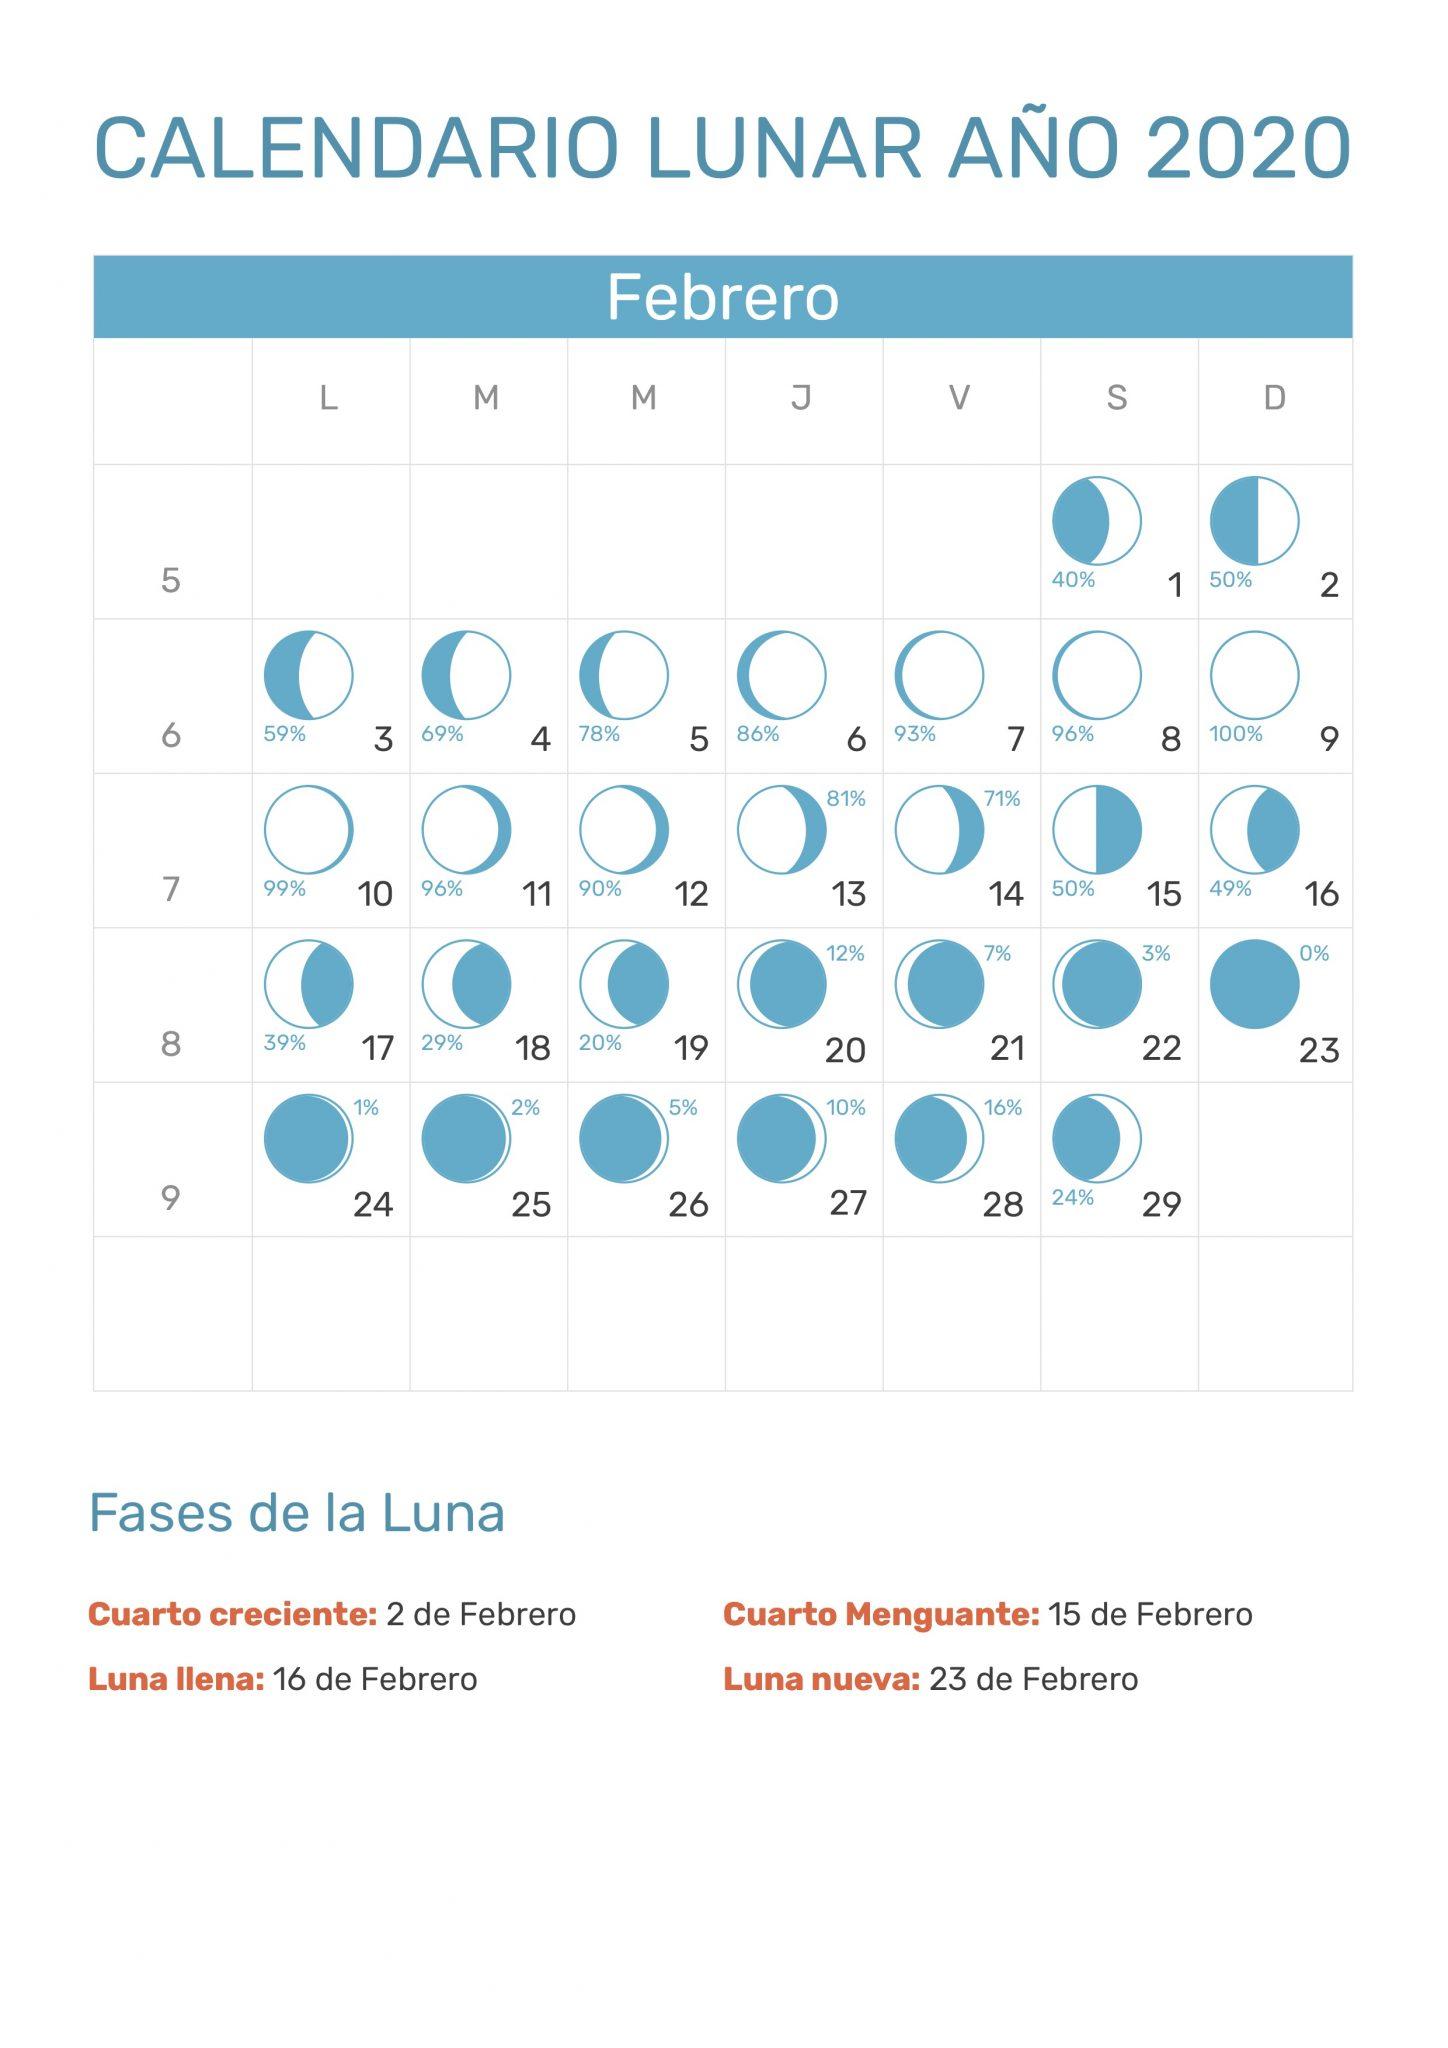 Calendario Lunar Febrero 2020